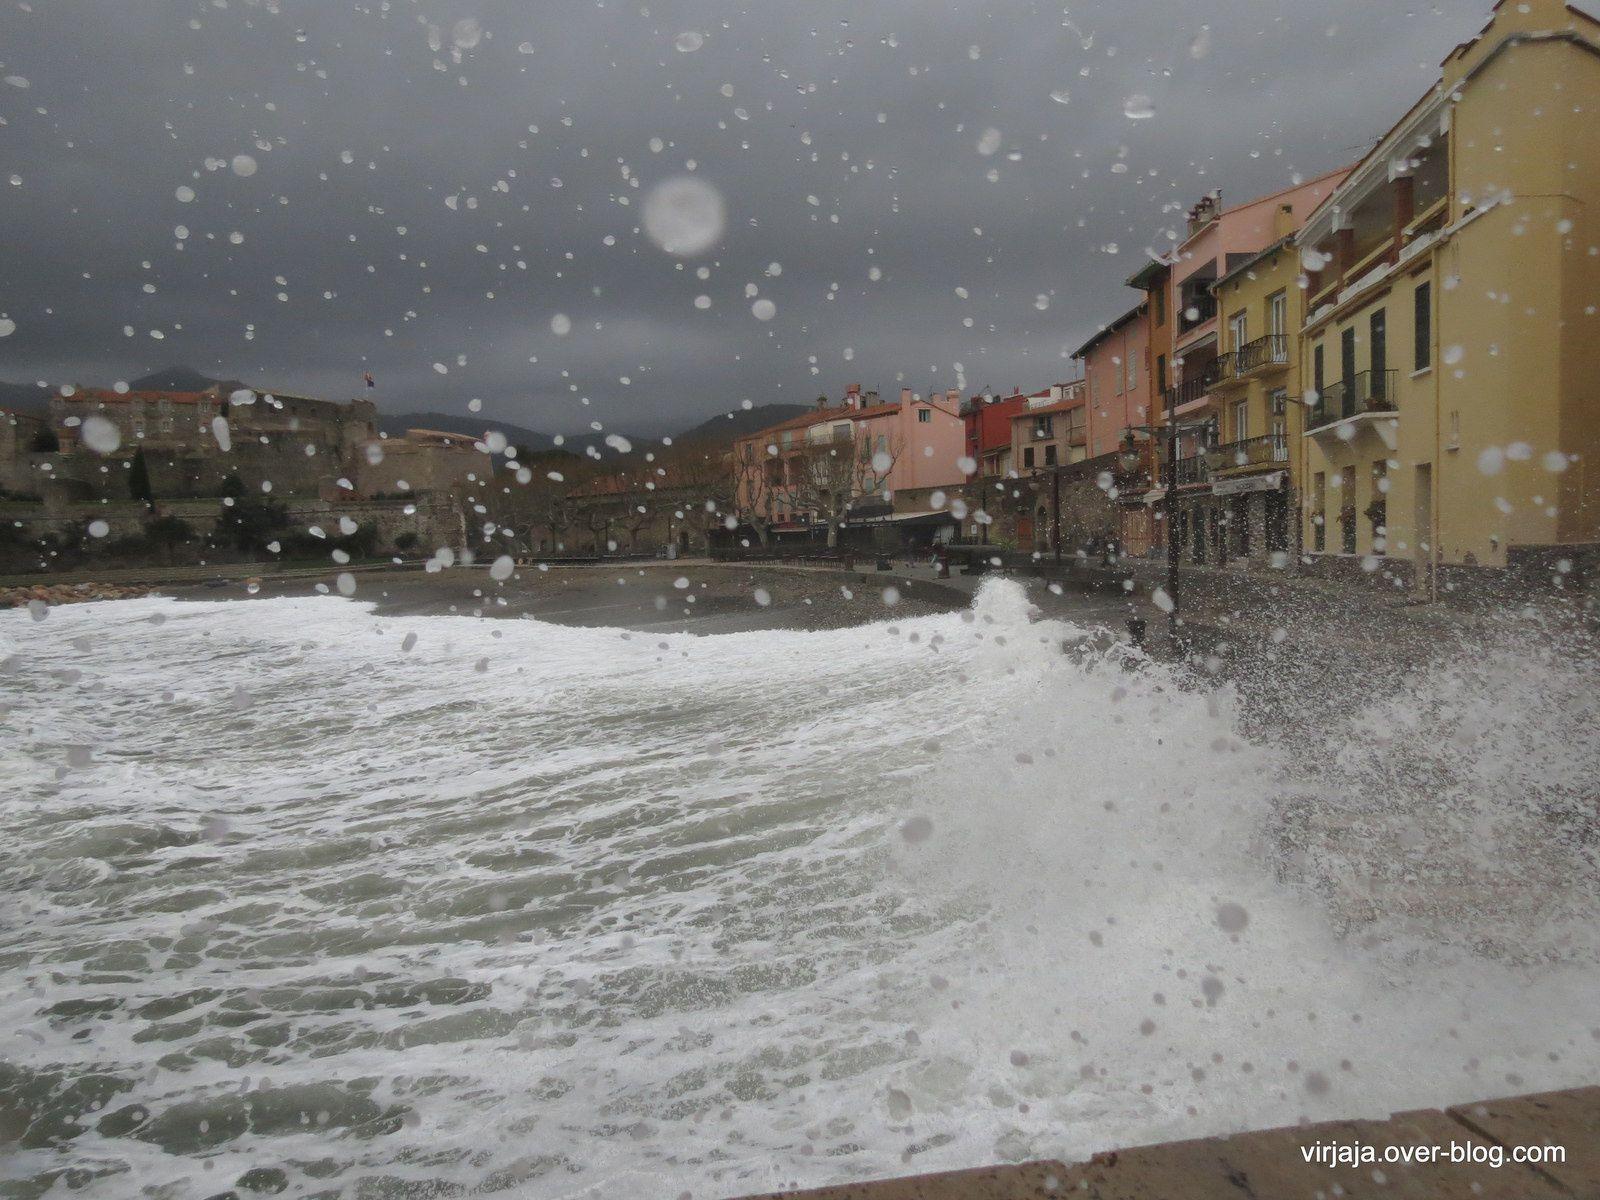 vagues à Collioure